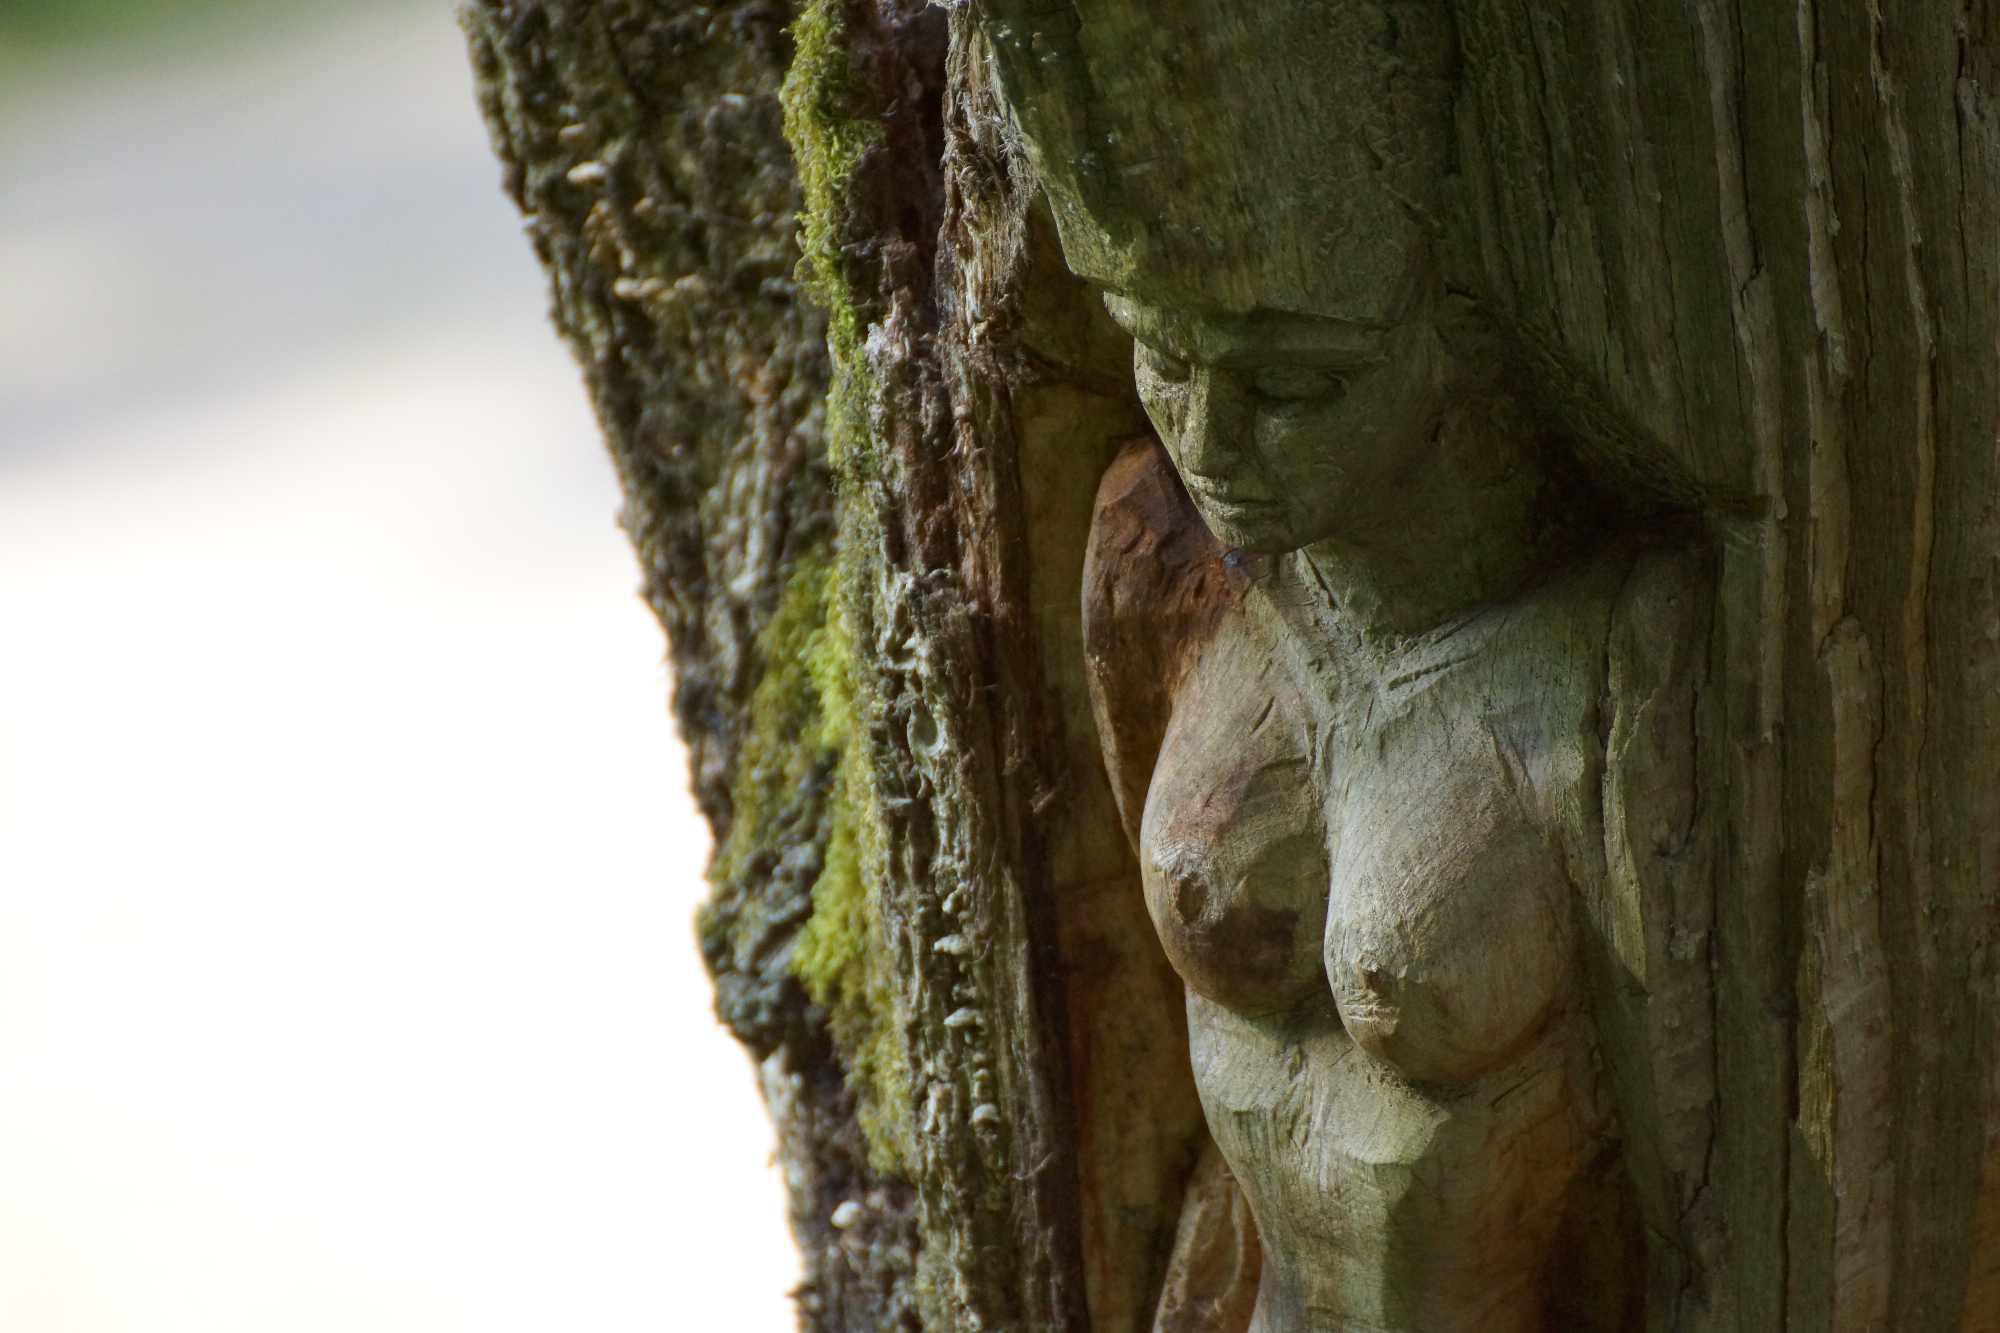 """Skulpturenpfad WaldMenschen, Freiburg, thomas rees, ein Motiv in der """"Baumwelt"""""""